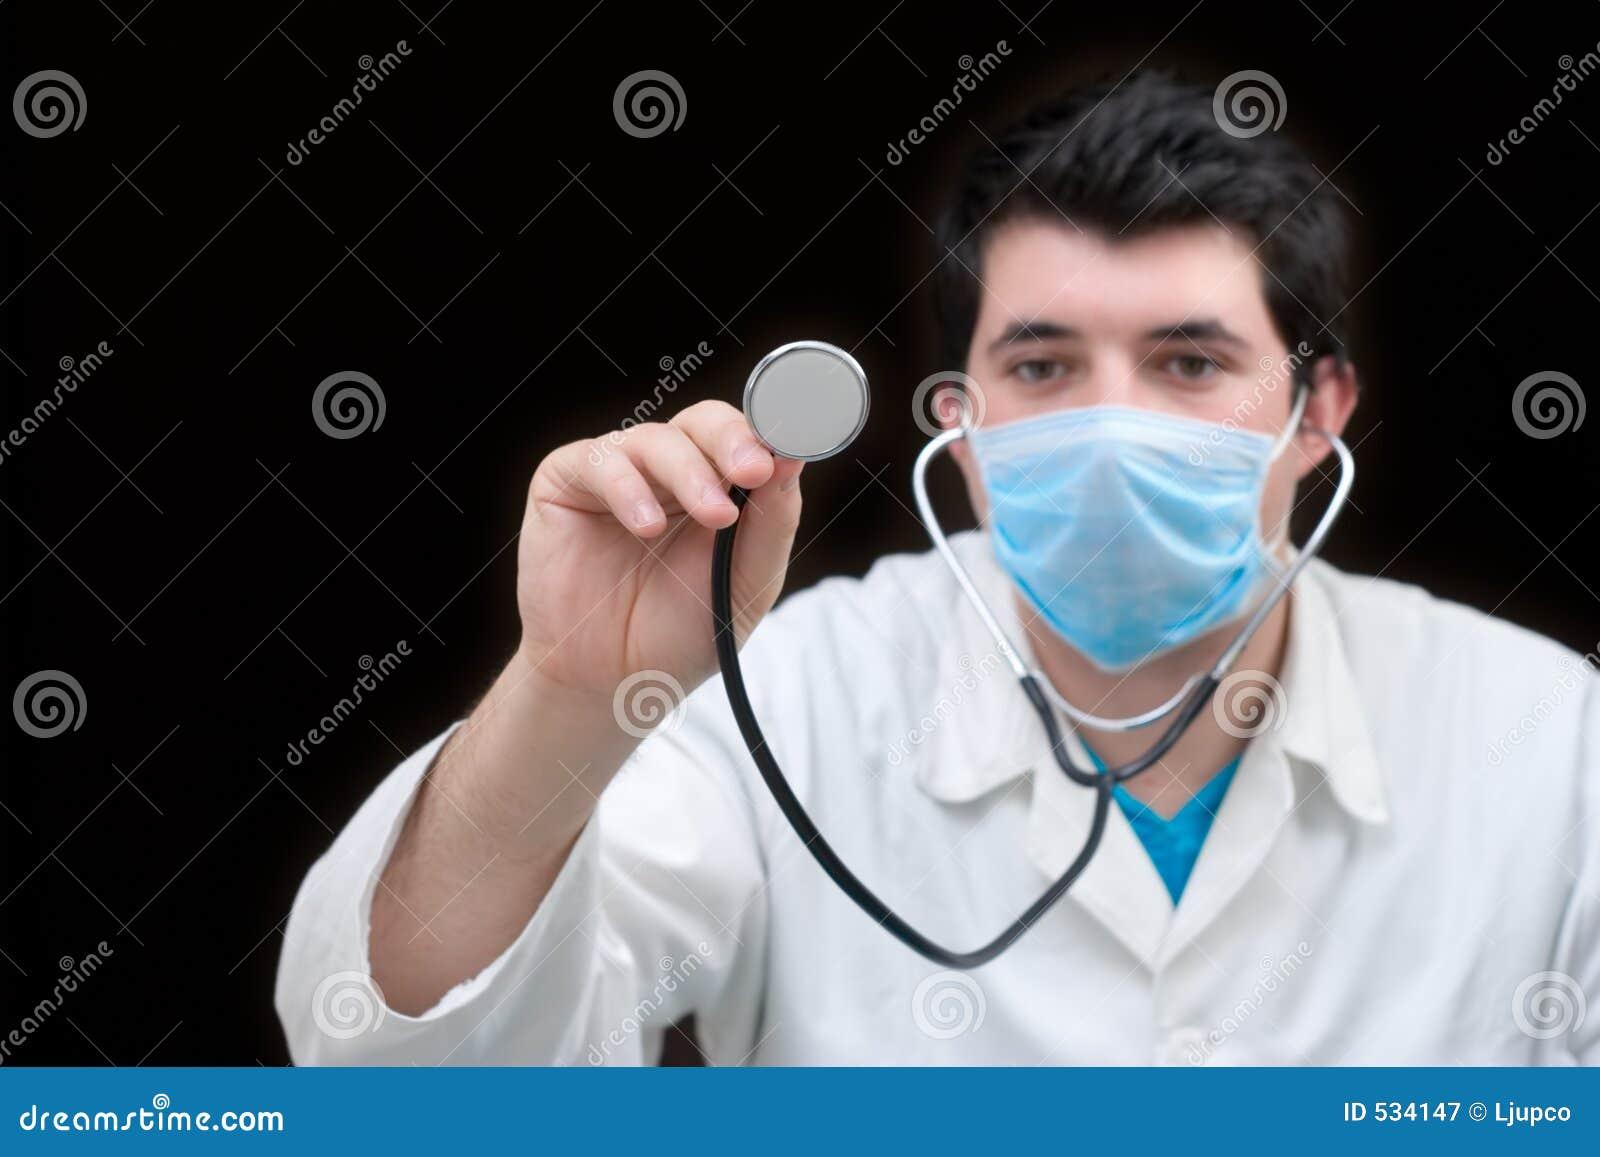 Download 检查医疗 库存图片. 图片 包括有 呼吁, 活动, 关心, 医院, 患者, 藏品, 对象, 紧急, 医学, 无政府主义 - 534147